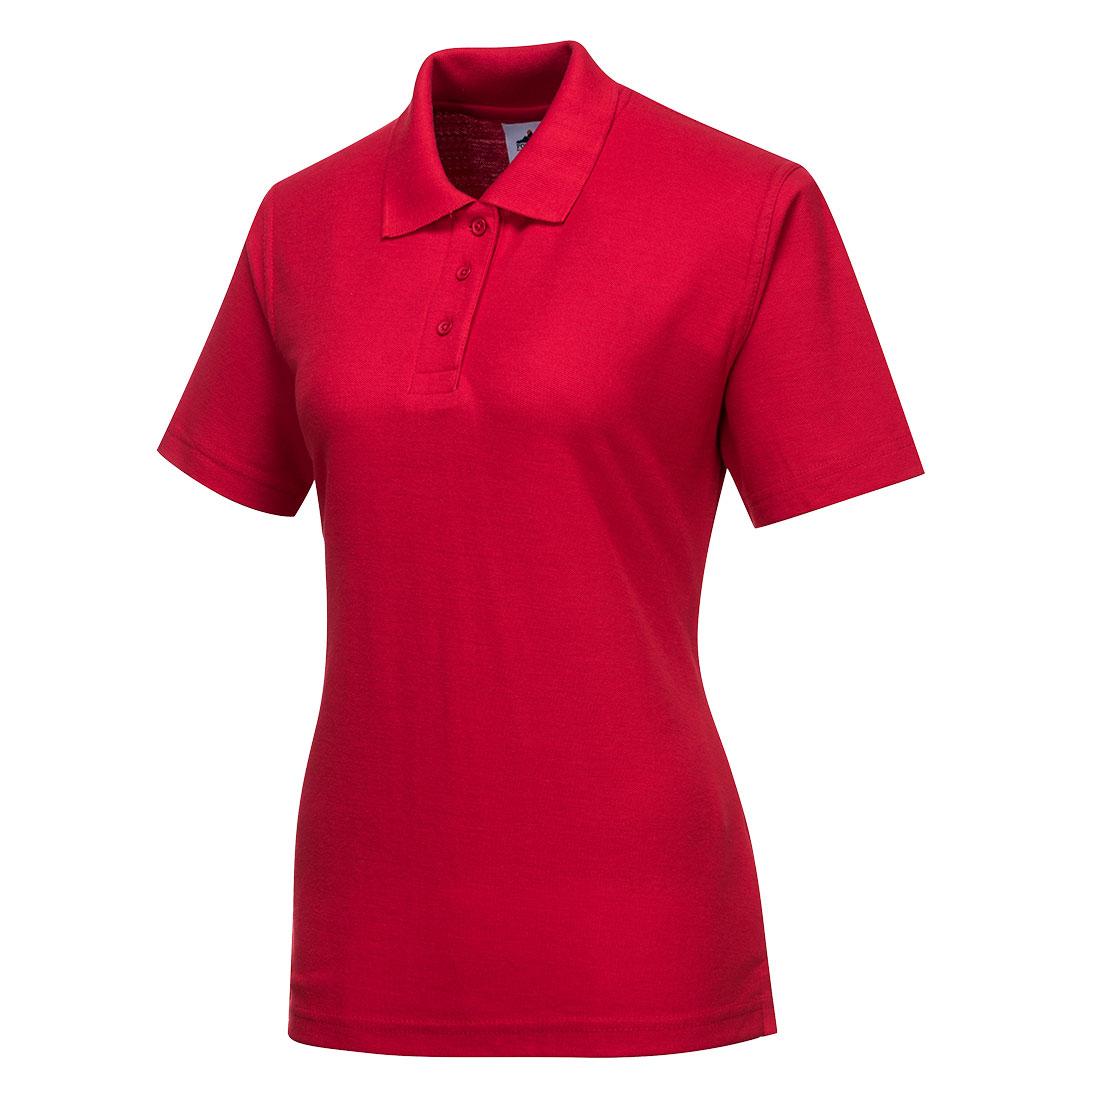 Ladies Polo Shirt Red SR